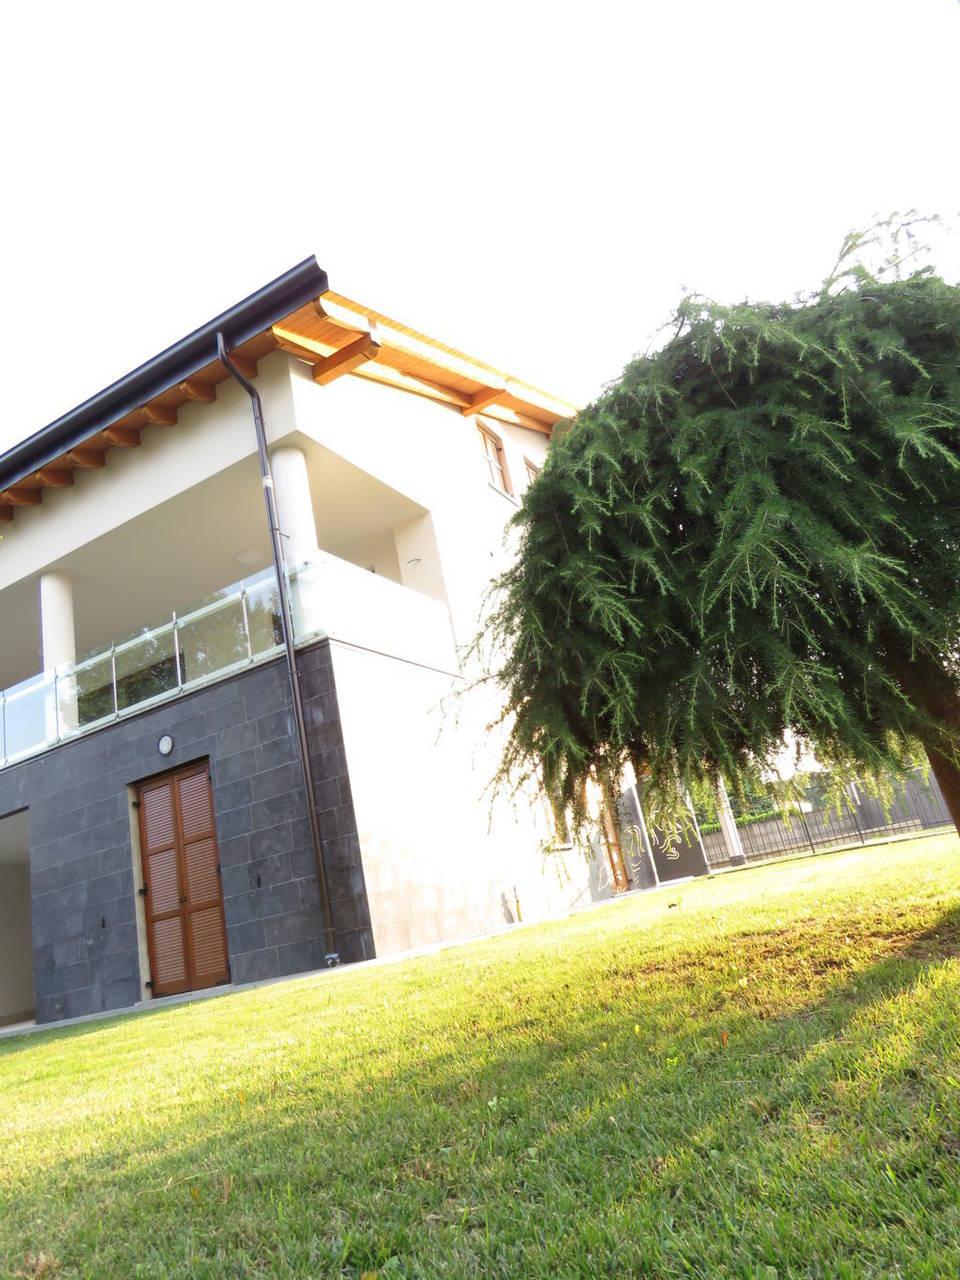 Case-nuove-in-vendita-in-Burago-di-Molgora-Monza-Brianza-16